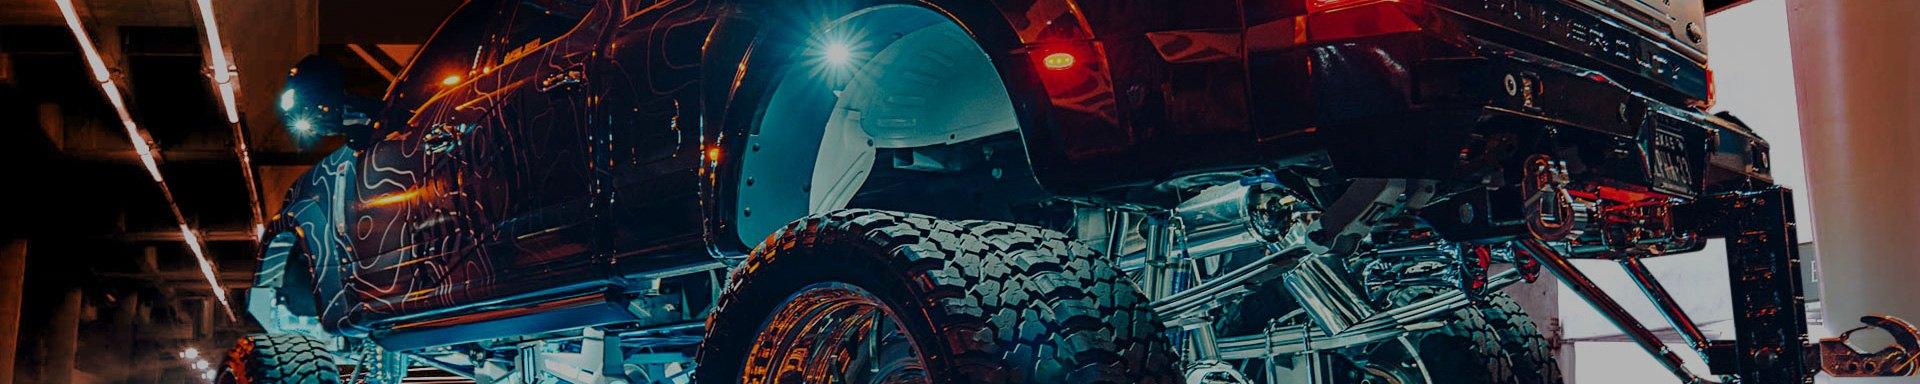 27+ Automotive Aesthetic Price